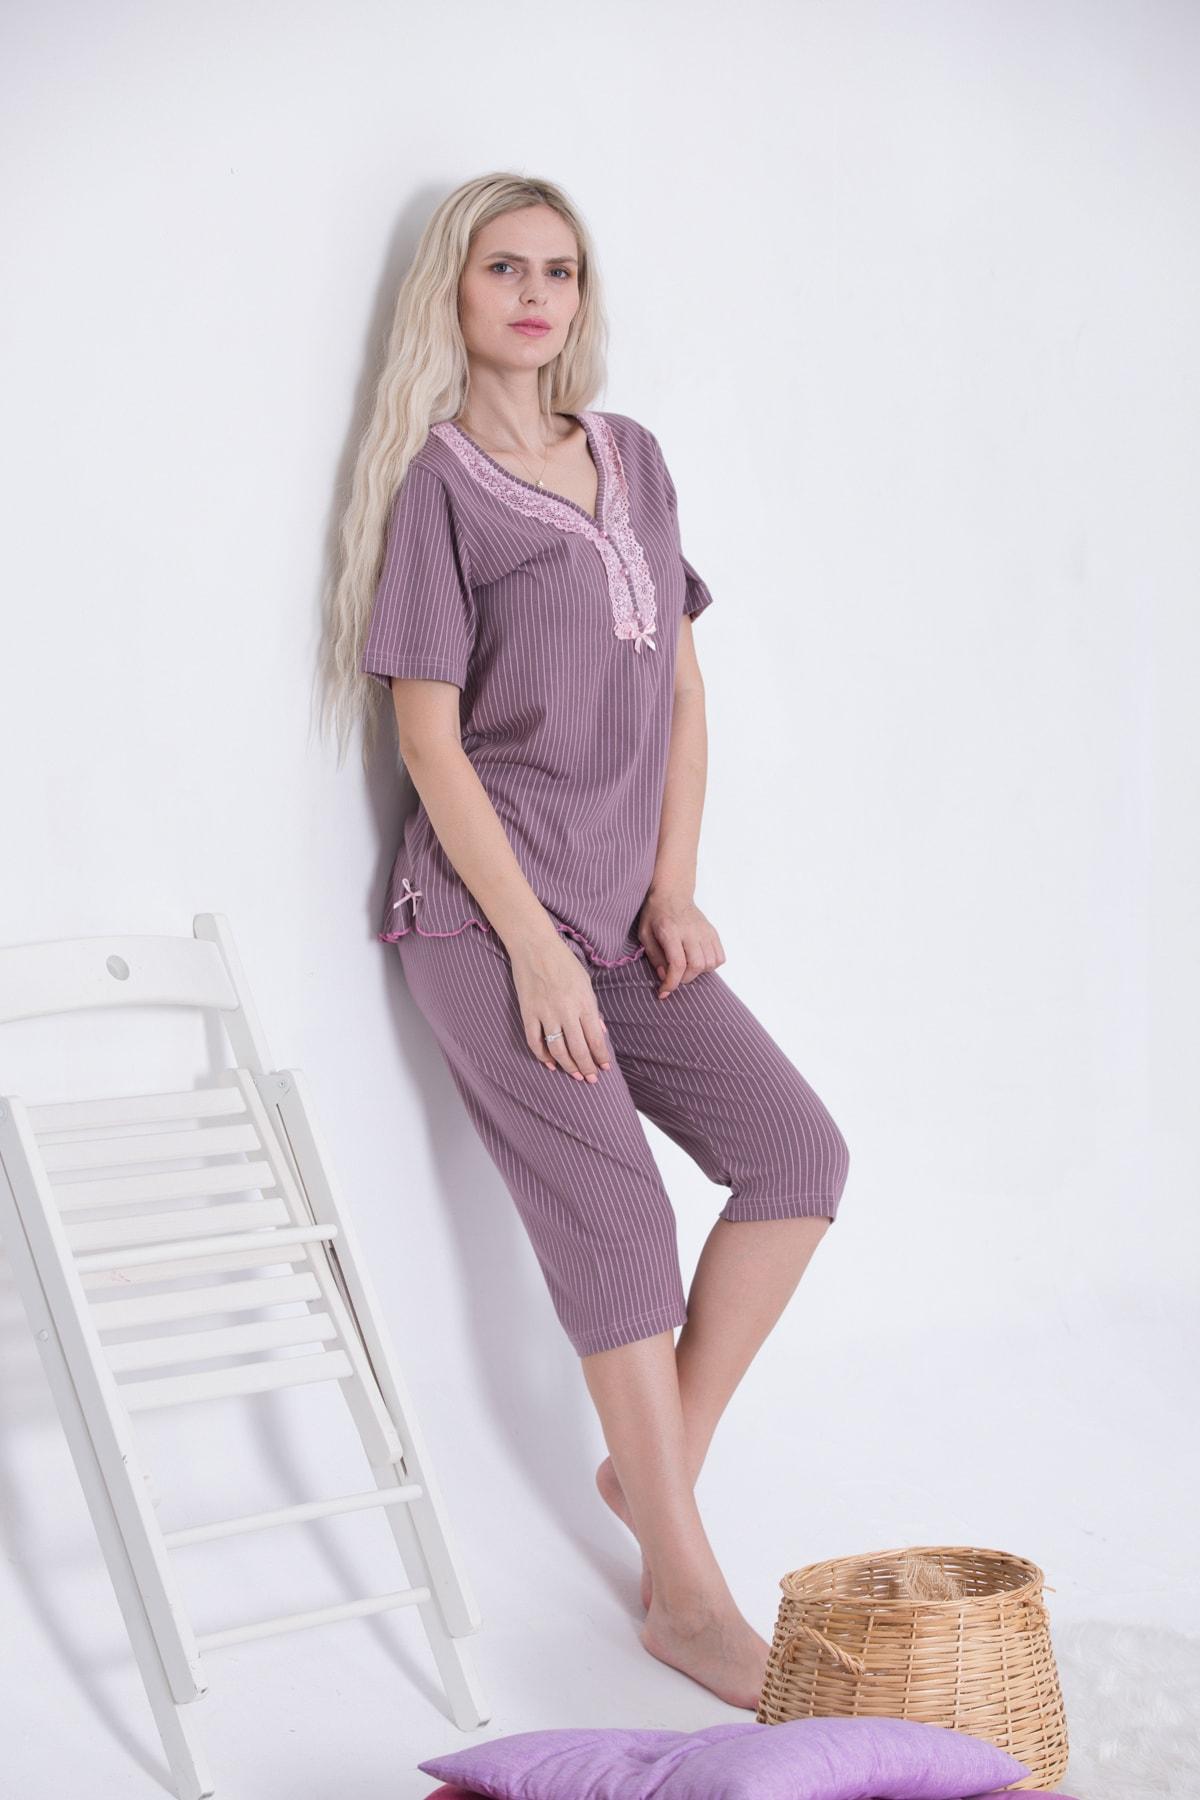 Kadın Kısa Kollu Düğmeli Bermuda Kapri Pijama Takımı Dantel Yaka Vizon Pembe